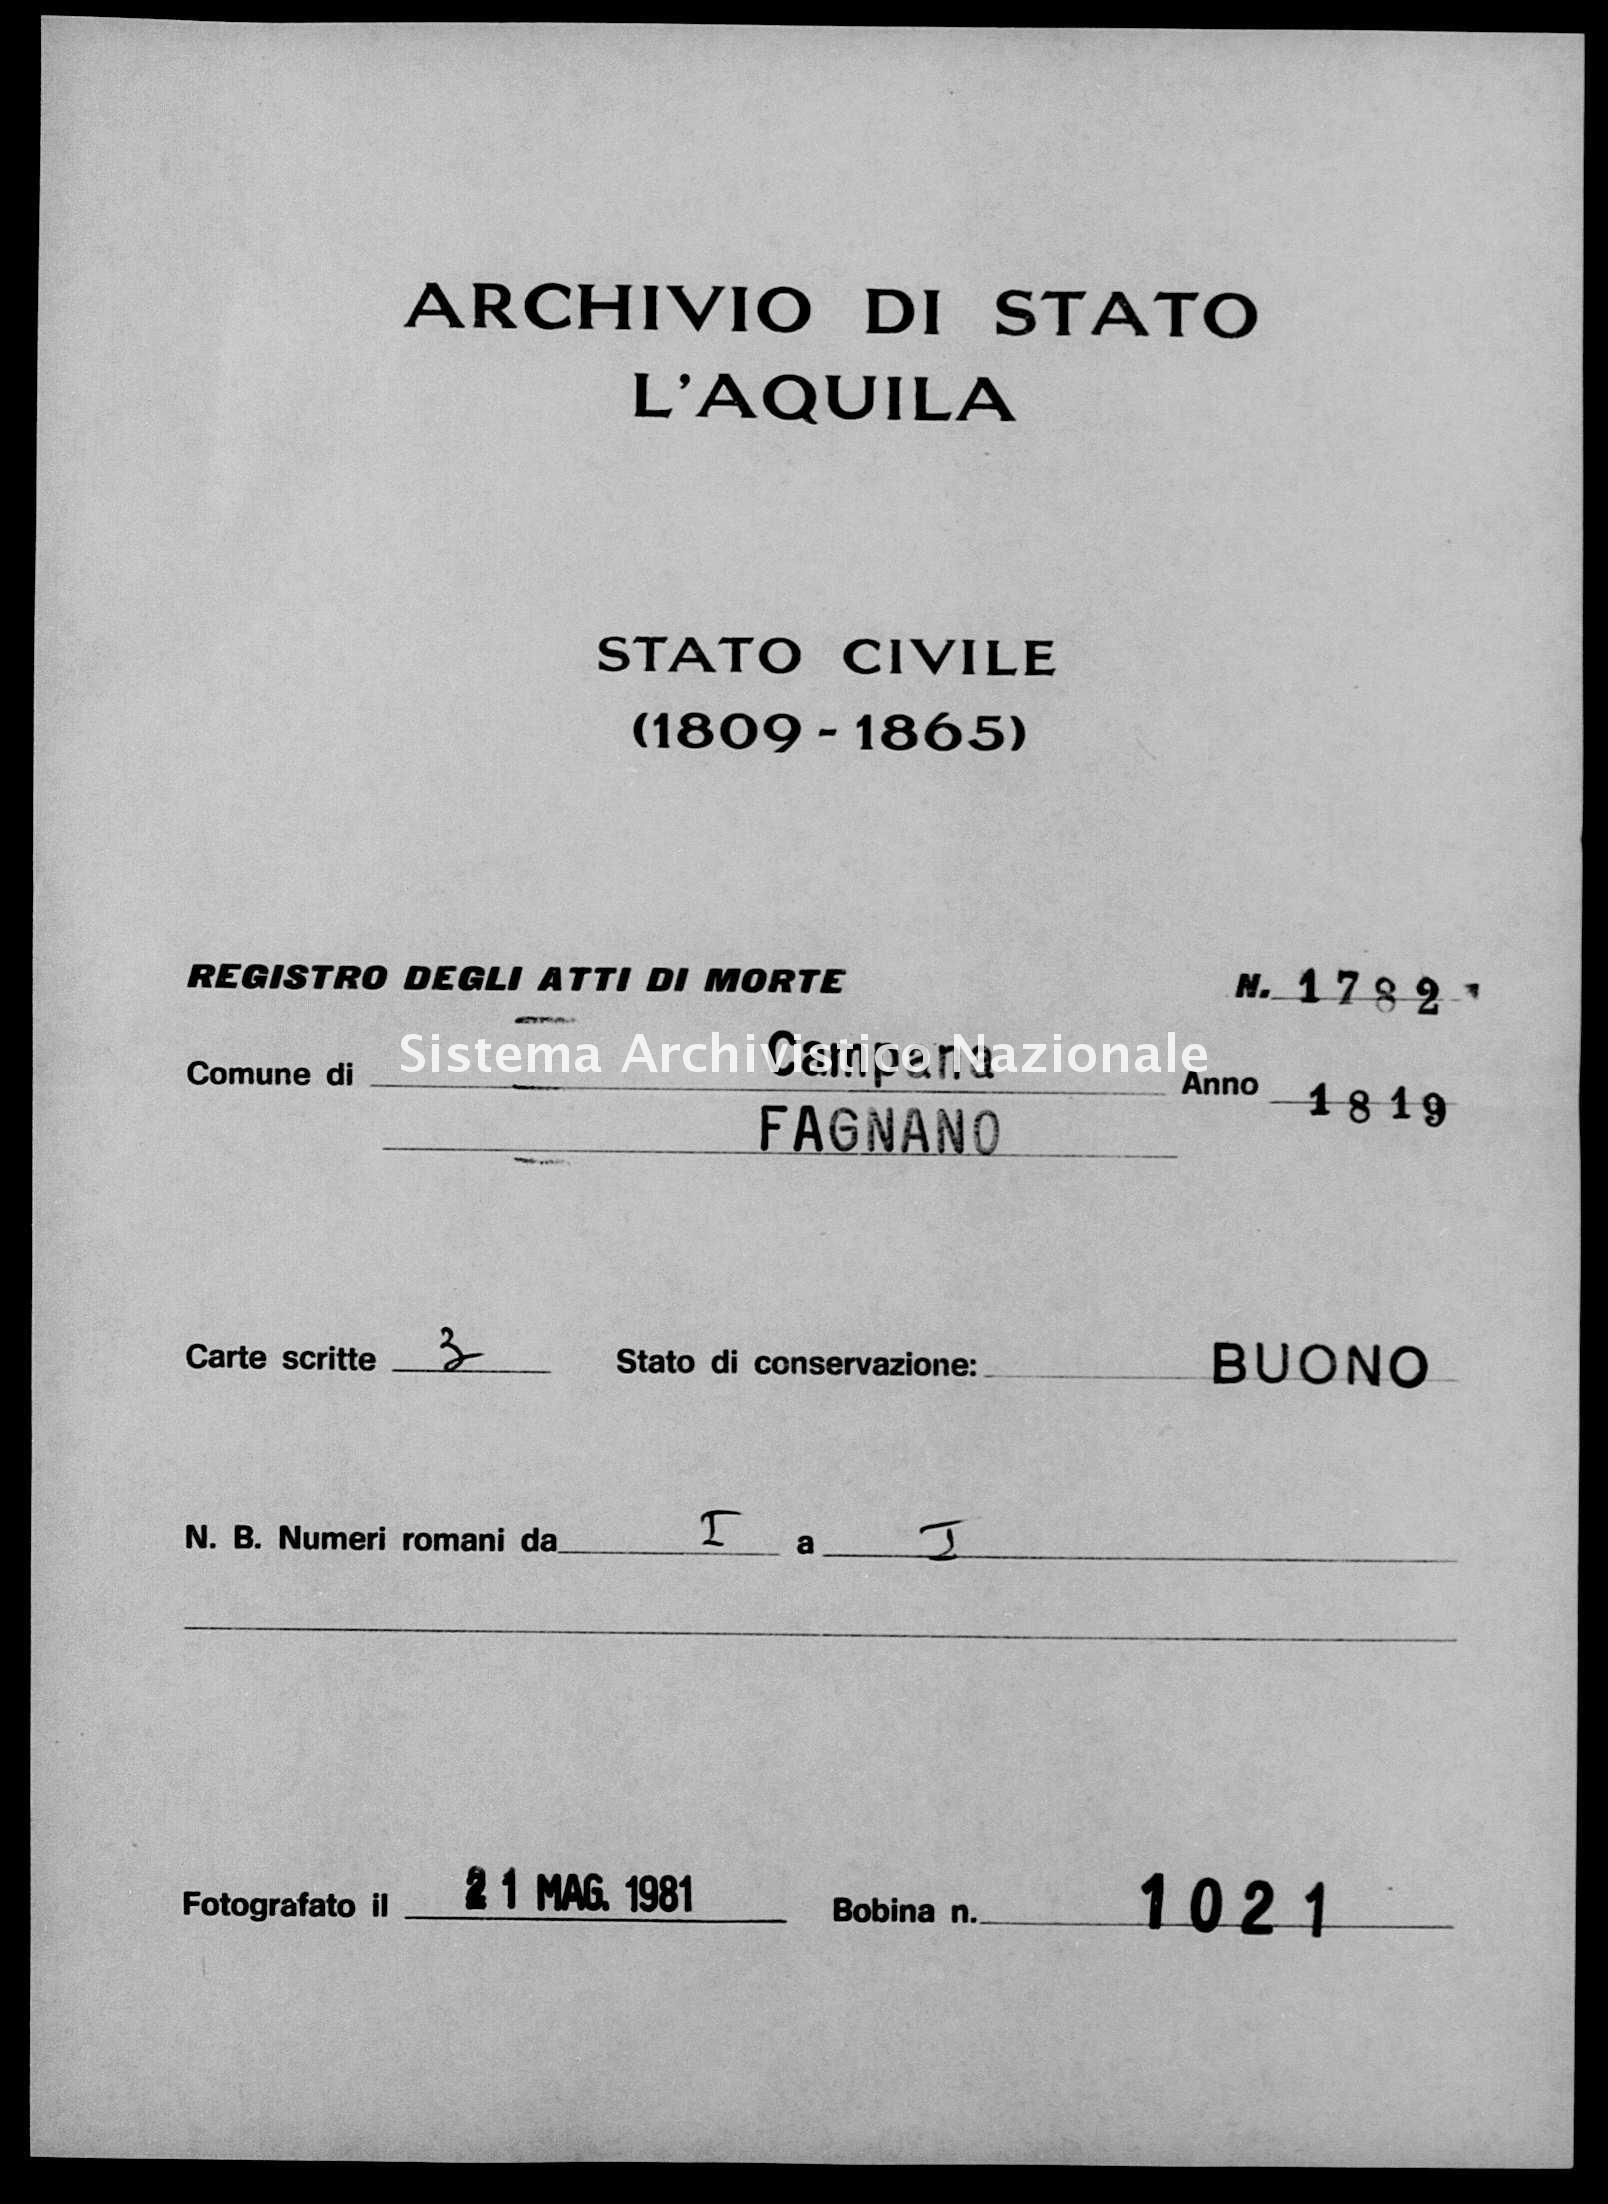 Archivio di stato di L'aquila - Stato civile della restaurazione - Campana - Morti - 1819 - 1782 -